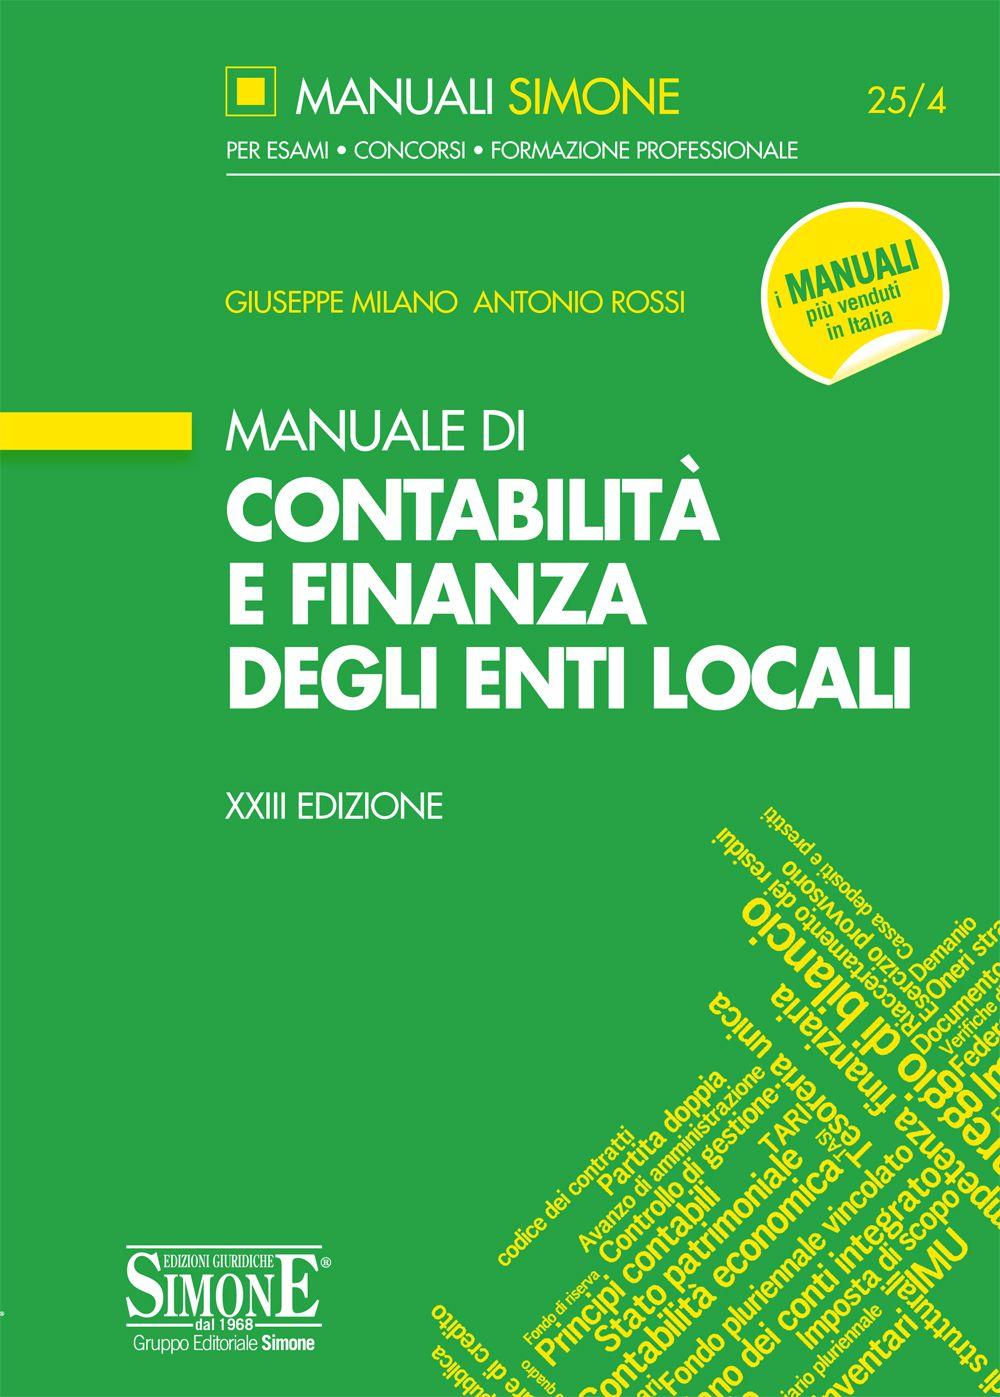 Manuale contabilità enti locali